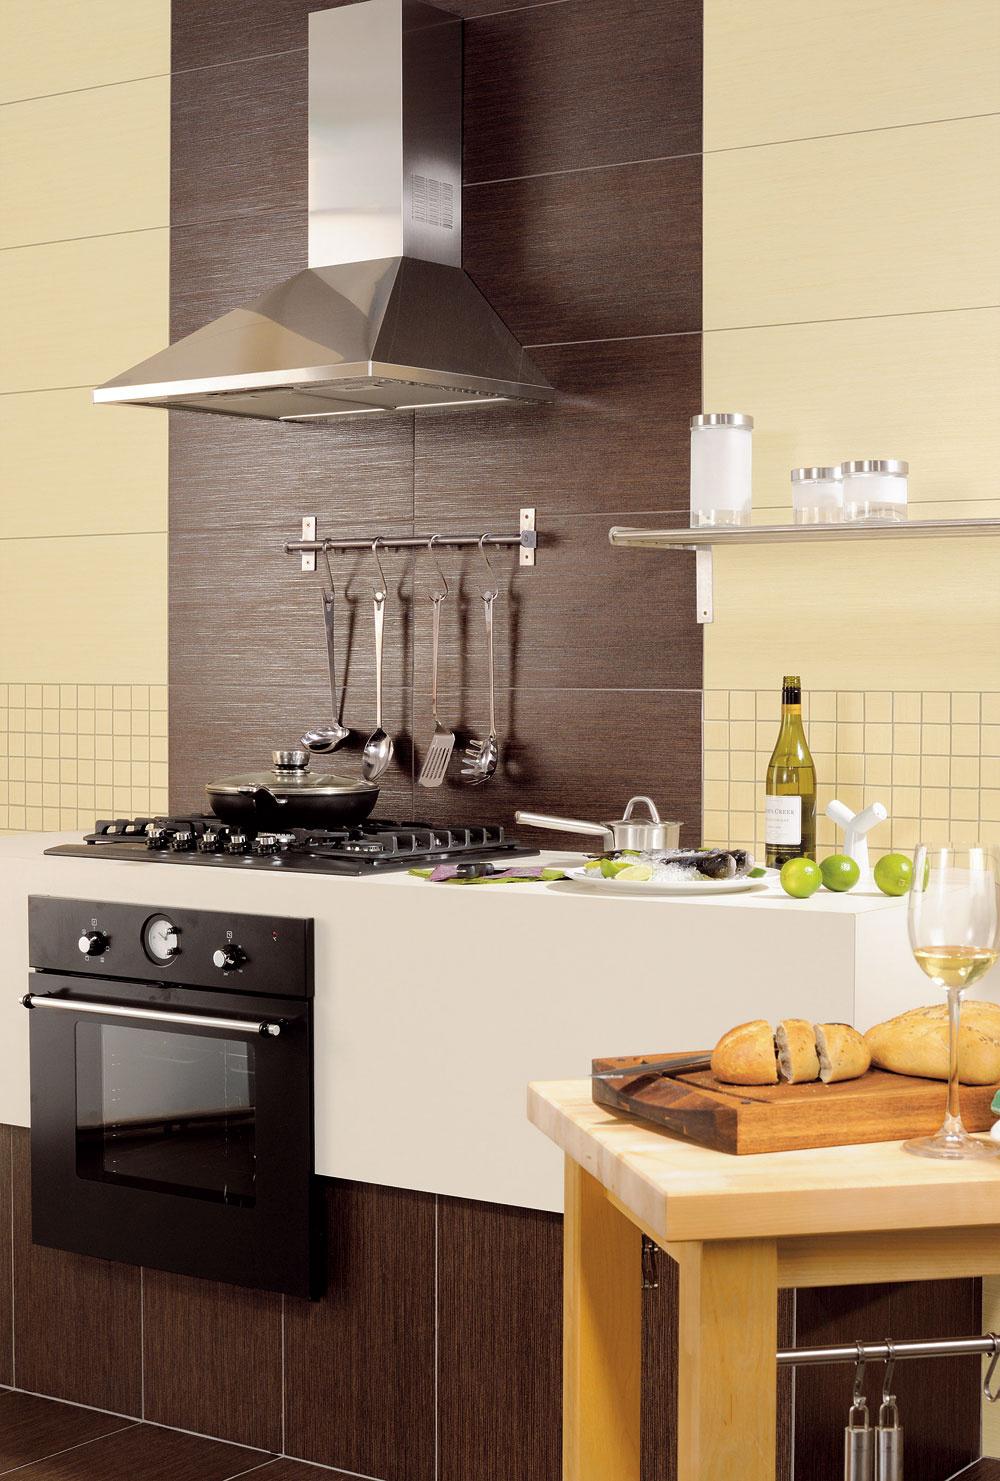 Výška osadenia kuchynského odsávača pár je väčšinou určená výrobcom aje uvedená vpopise výrobku. Treba si dať pozor na jeho umiestnenie aj vzhľadom na výšku členov domácnosti, aby sa pri predklone nad hrniec neudierali do hlavy. Pozor tiež na typ varnej dosky alebo sporáka vsúvislosti so záhlavím kuchynskej linky. Pri plynovom sporáku je neprípustné použiť rôzne fóliované panely ainé PVC napodobeniny obkladu. Vyberte si keramický obklad, plech znehrdzavejúcej ocele alebo sklo.